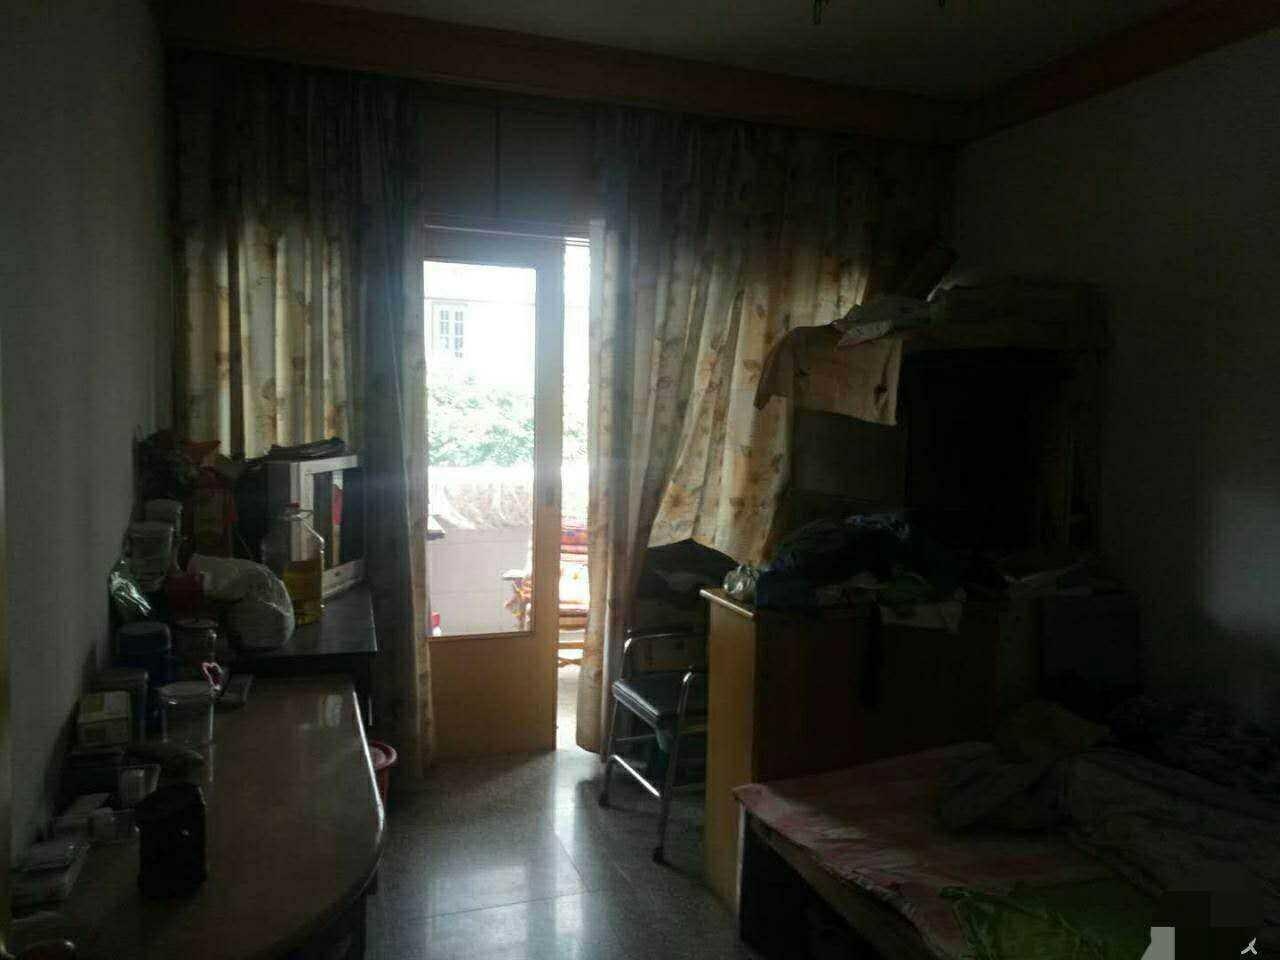 05108急售 东豪新村架空一楼,123平方四室一厅二卫,精装修。报价88万,诚心客户可谈。 的实拍照片